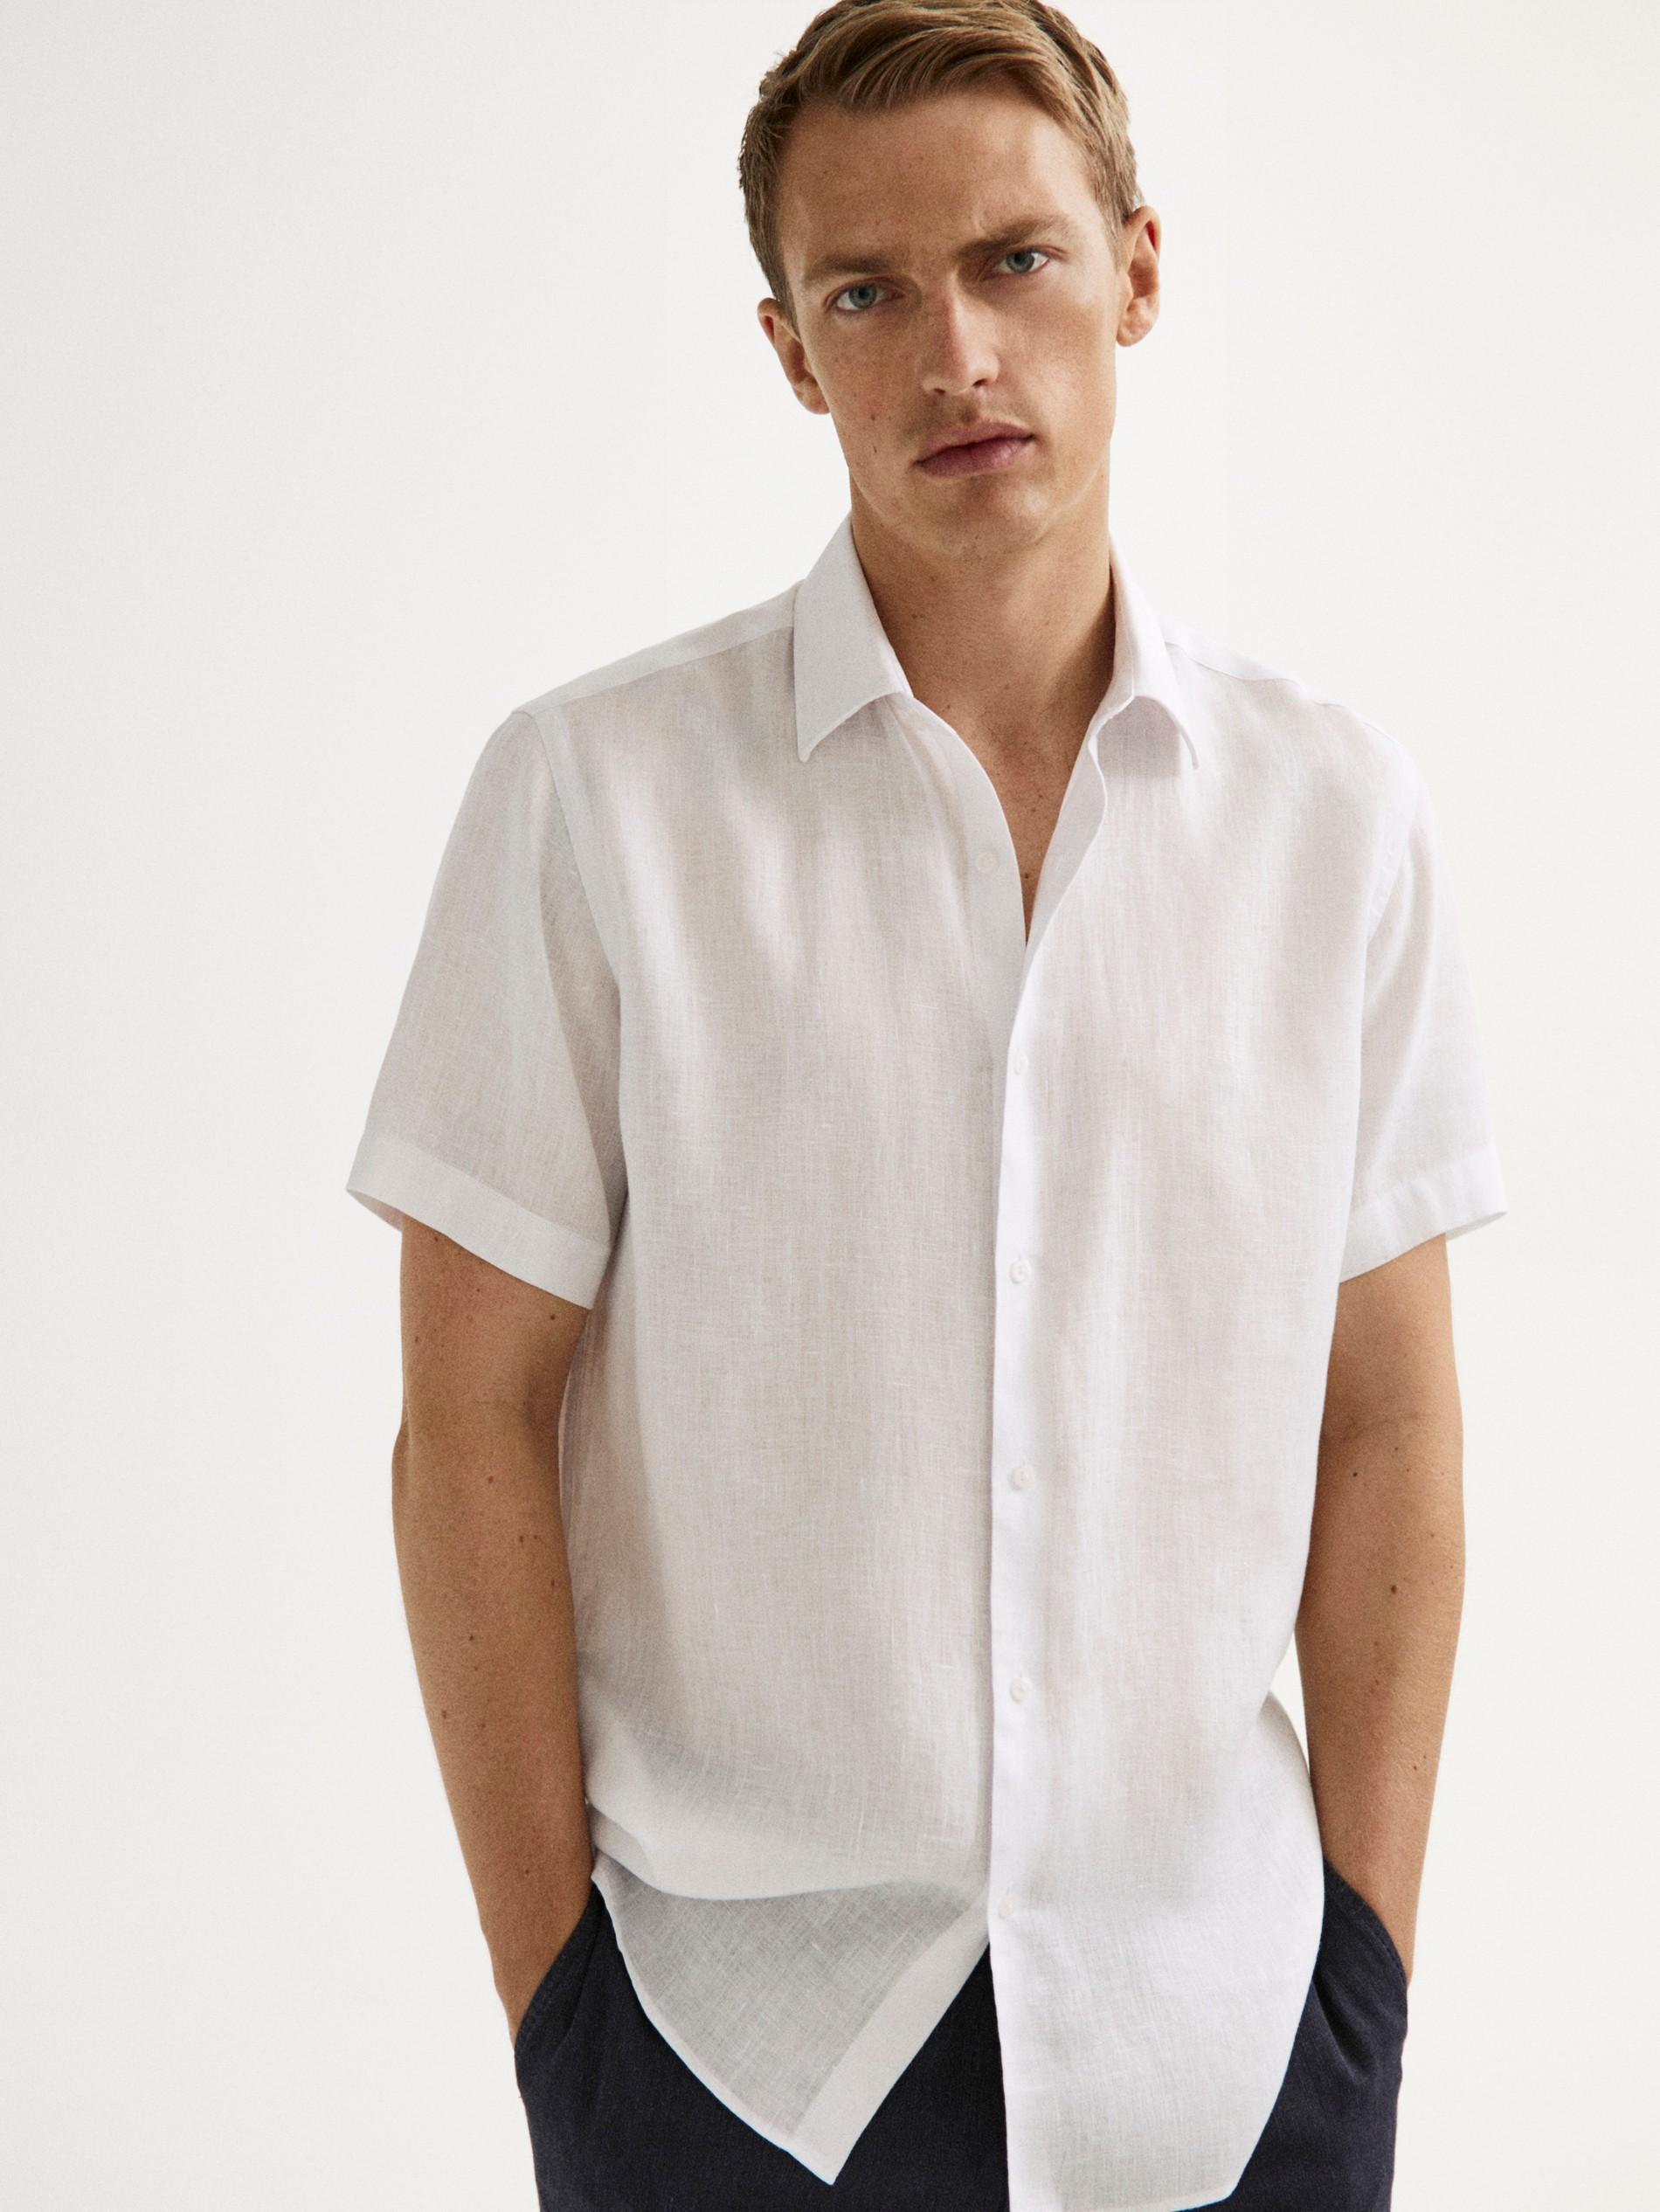 Men Tops Male Shirt Summer Cotton linen Tops Short Sleeves T Shirt Work Shirt